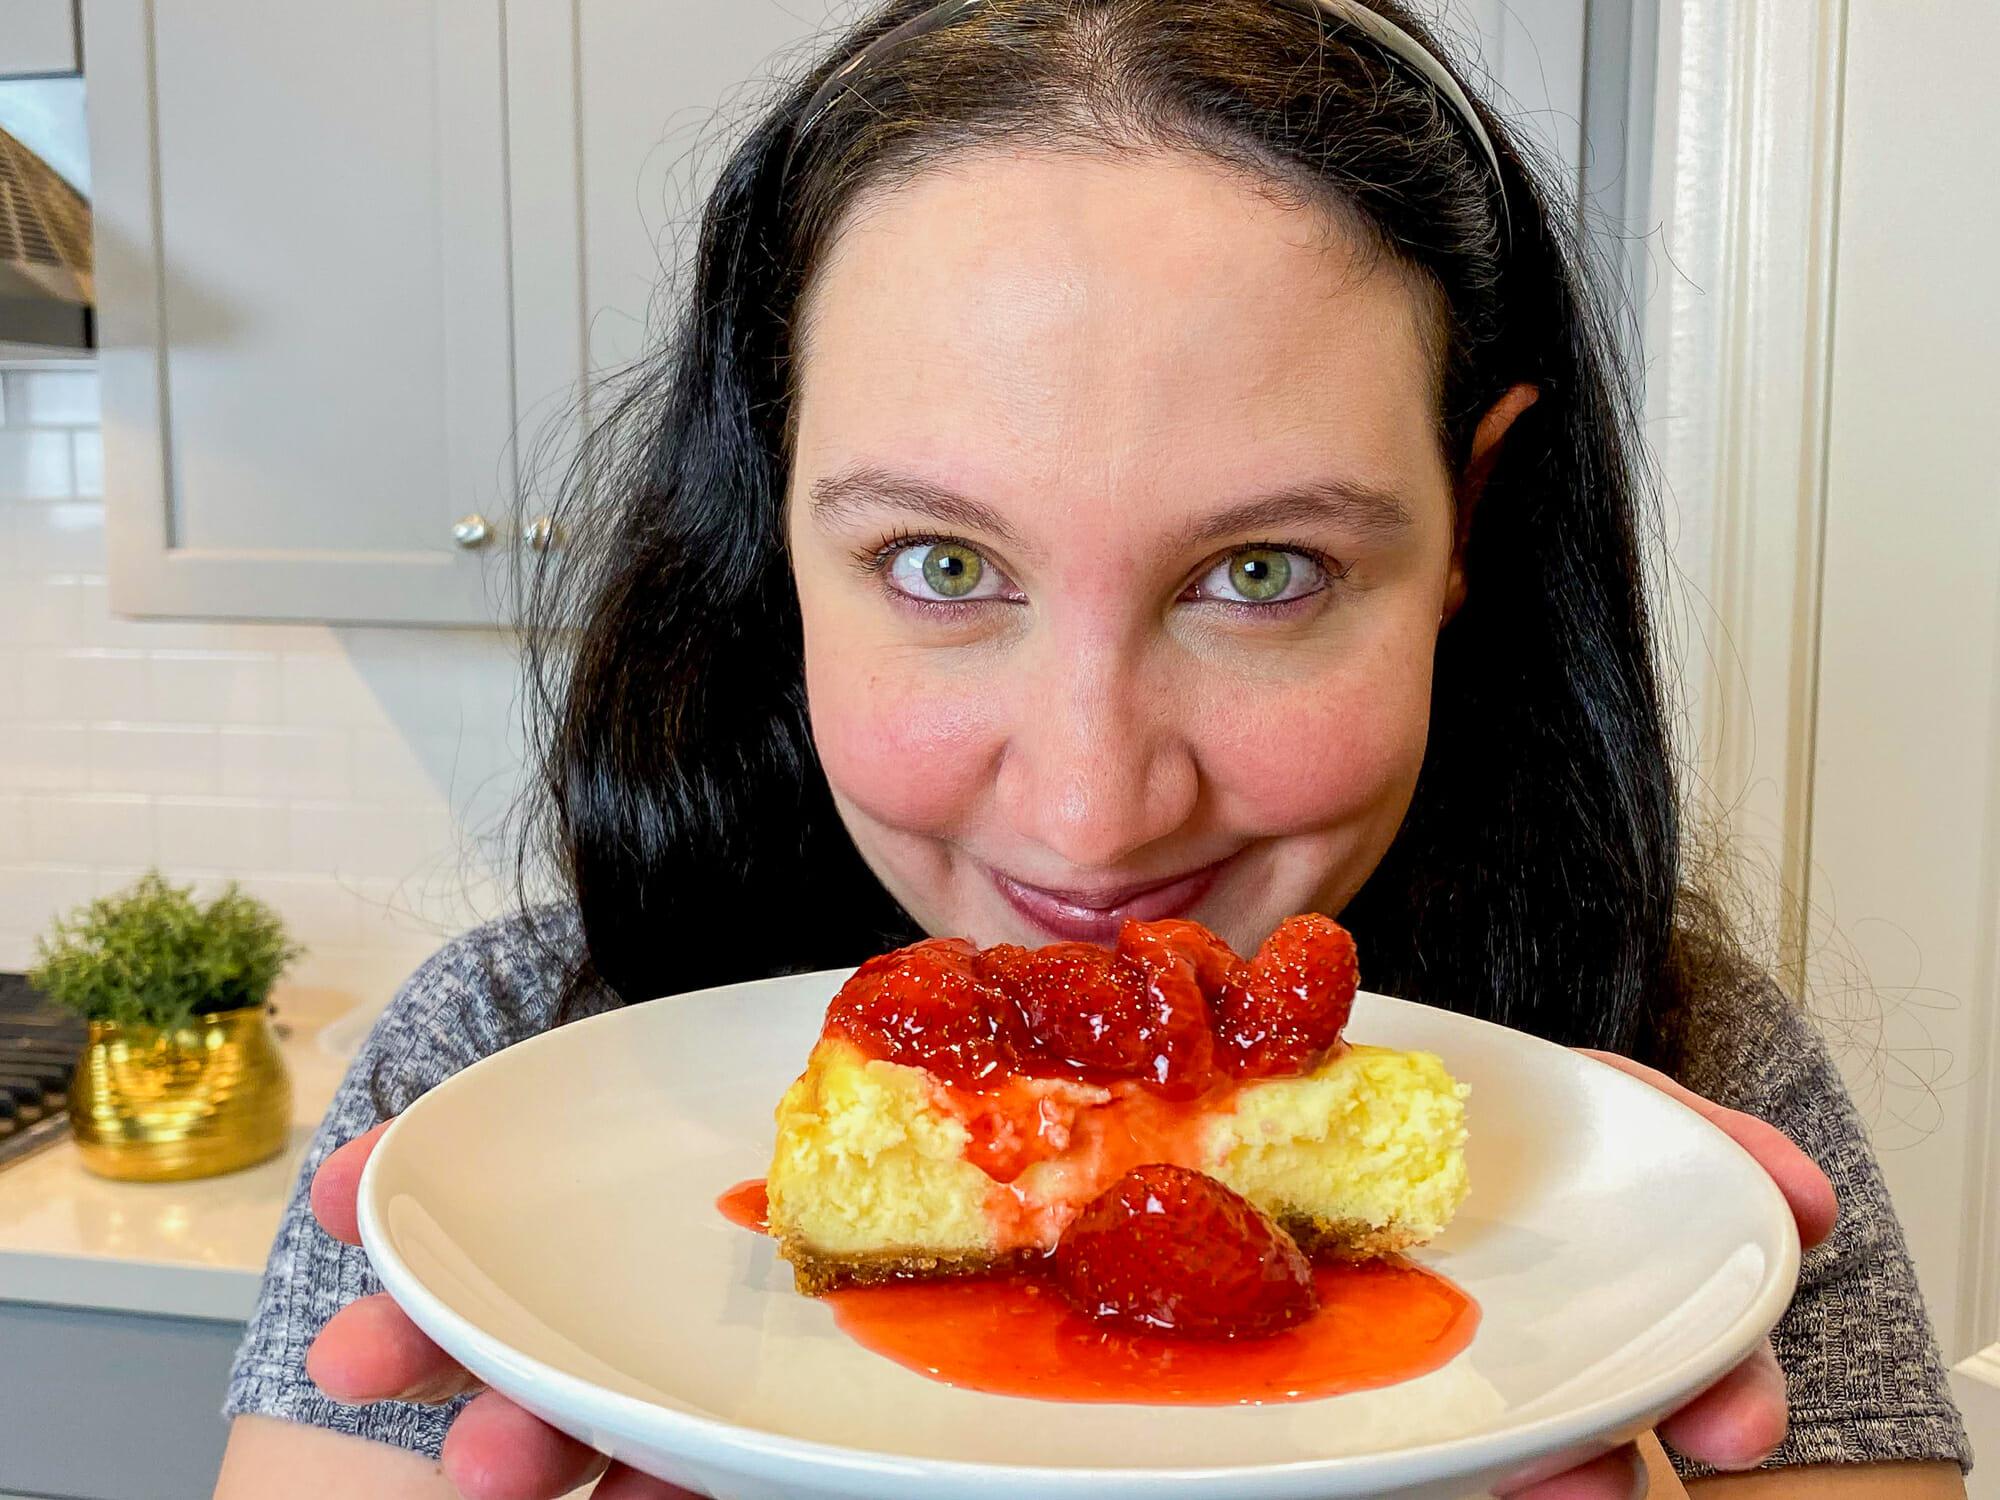 Foto da Renata segurando a fatia de cheesecake da Cheesecake Factory em frente à câmera e sorrindo. A cheesecake está coberta por morangos e calda de morango.